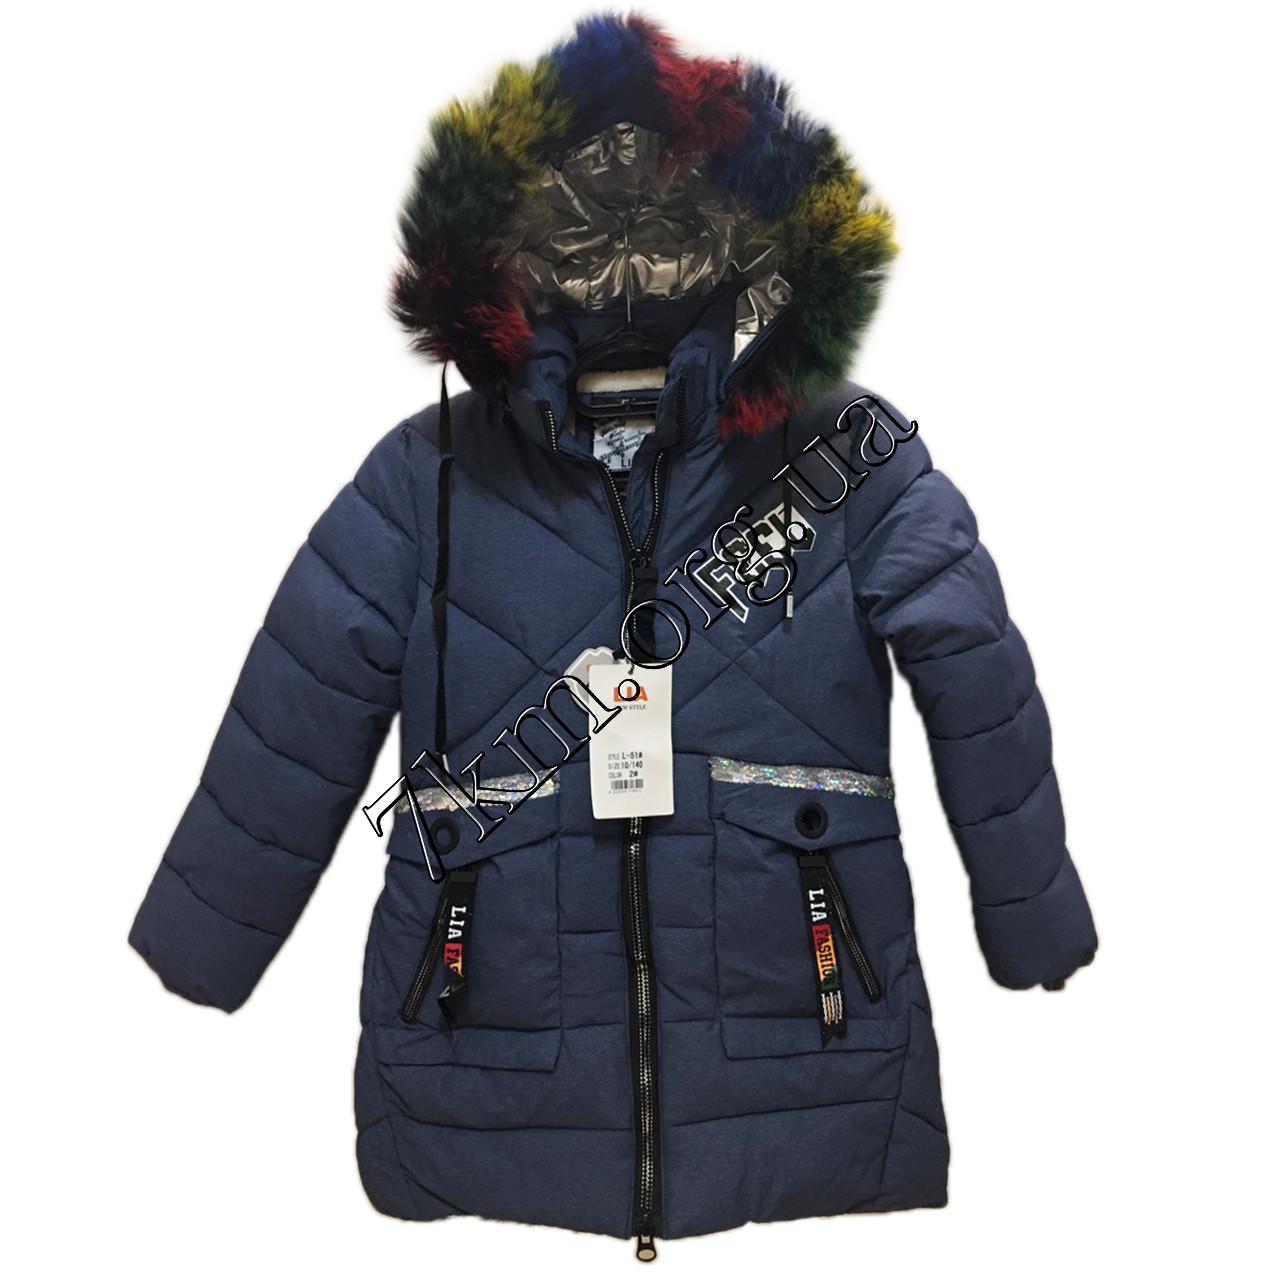 Куртка подростковая для девочек 134-158 см. Украина Оптом 261105-2